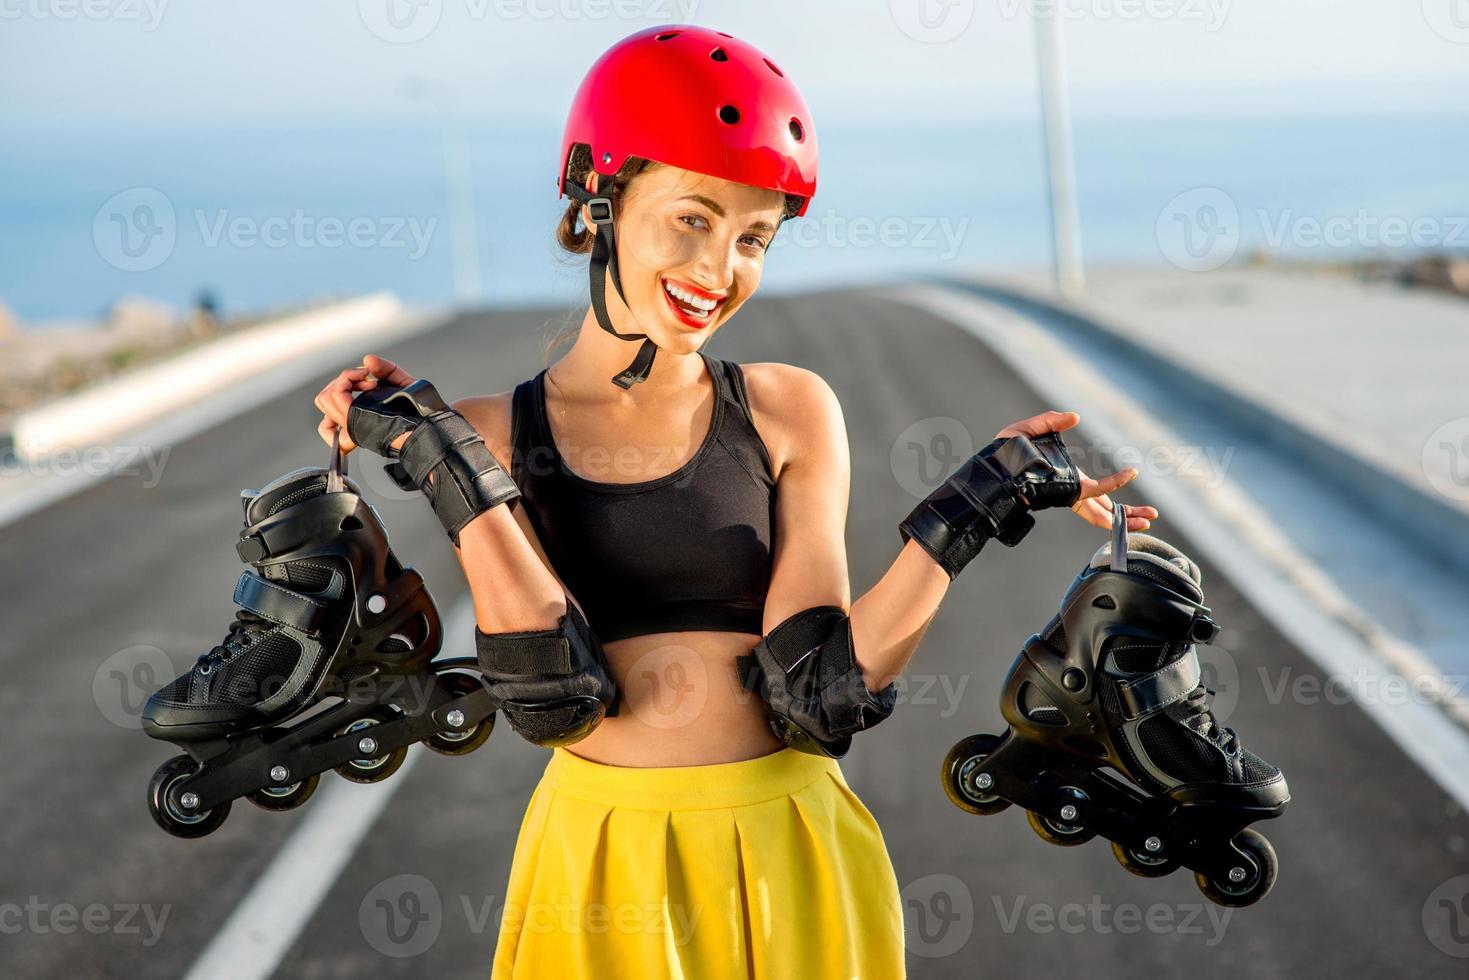 mujer deportiva con rodillos en la carretera foto